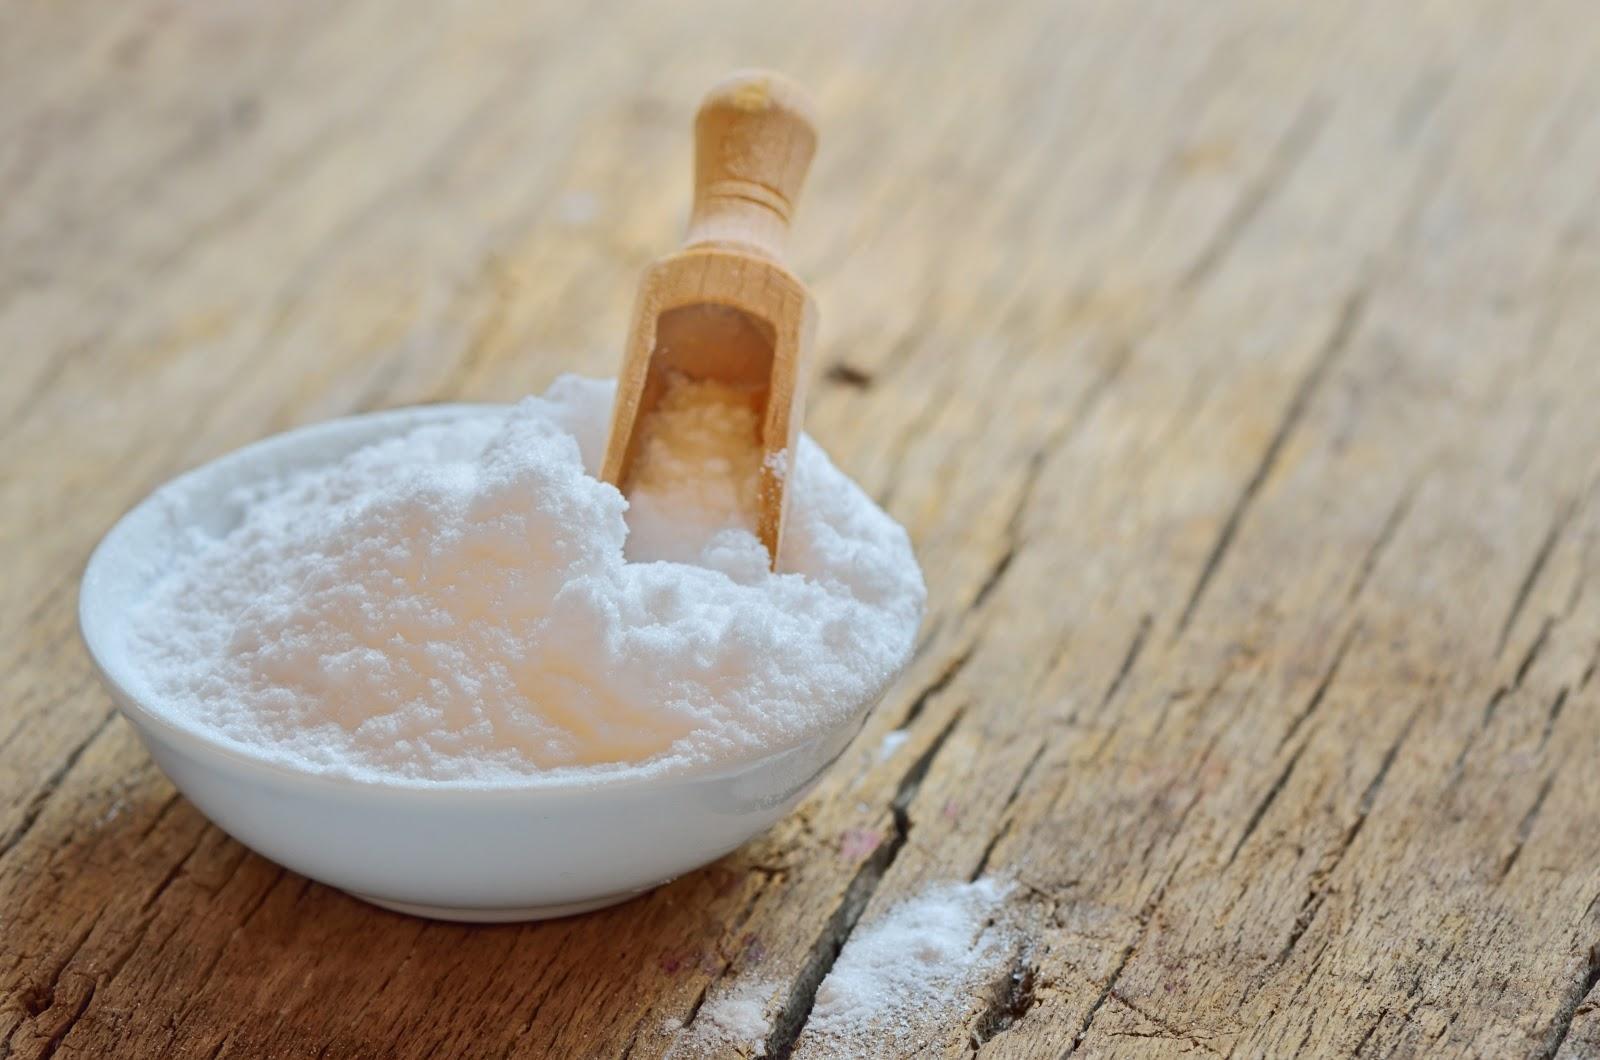 Inginerii au descoperit că bicarbonatul de sodiu era soluția perfectă pentru restaurare